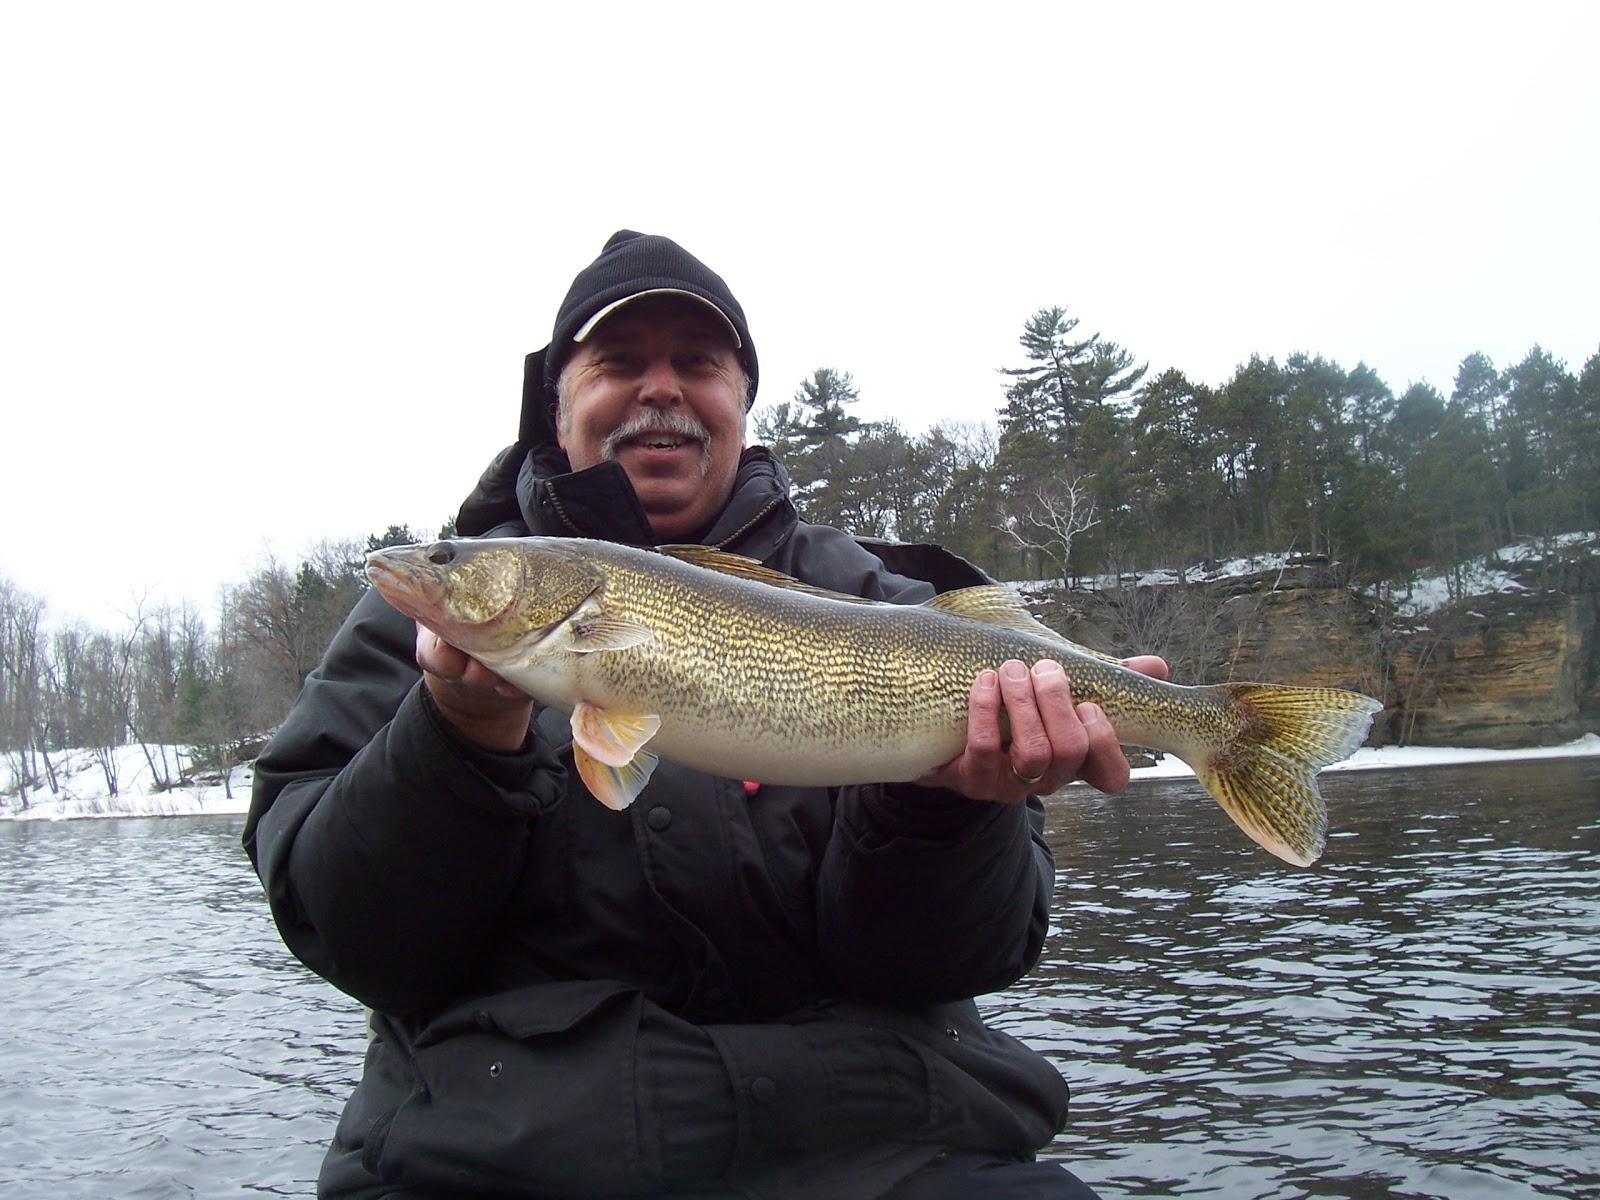 Jnb guide fishing wisconsin dells wi walleye fishing 3 for Wisconsin dells fishing report